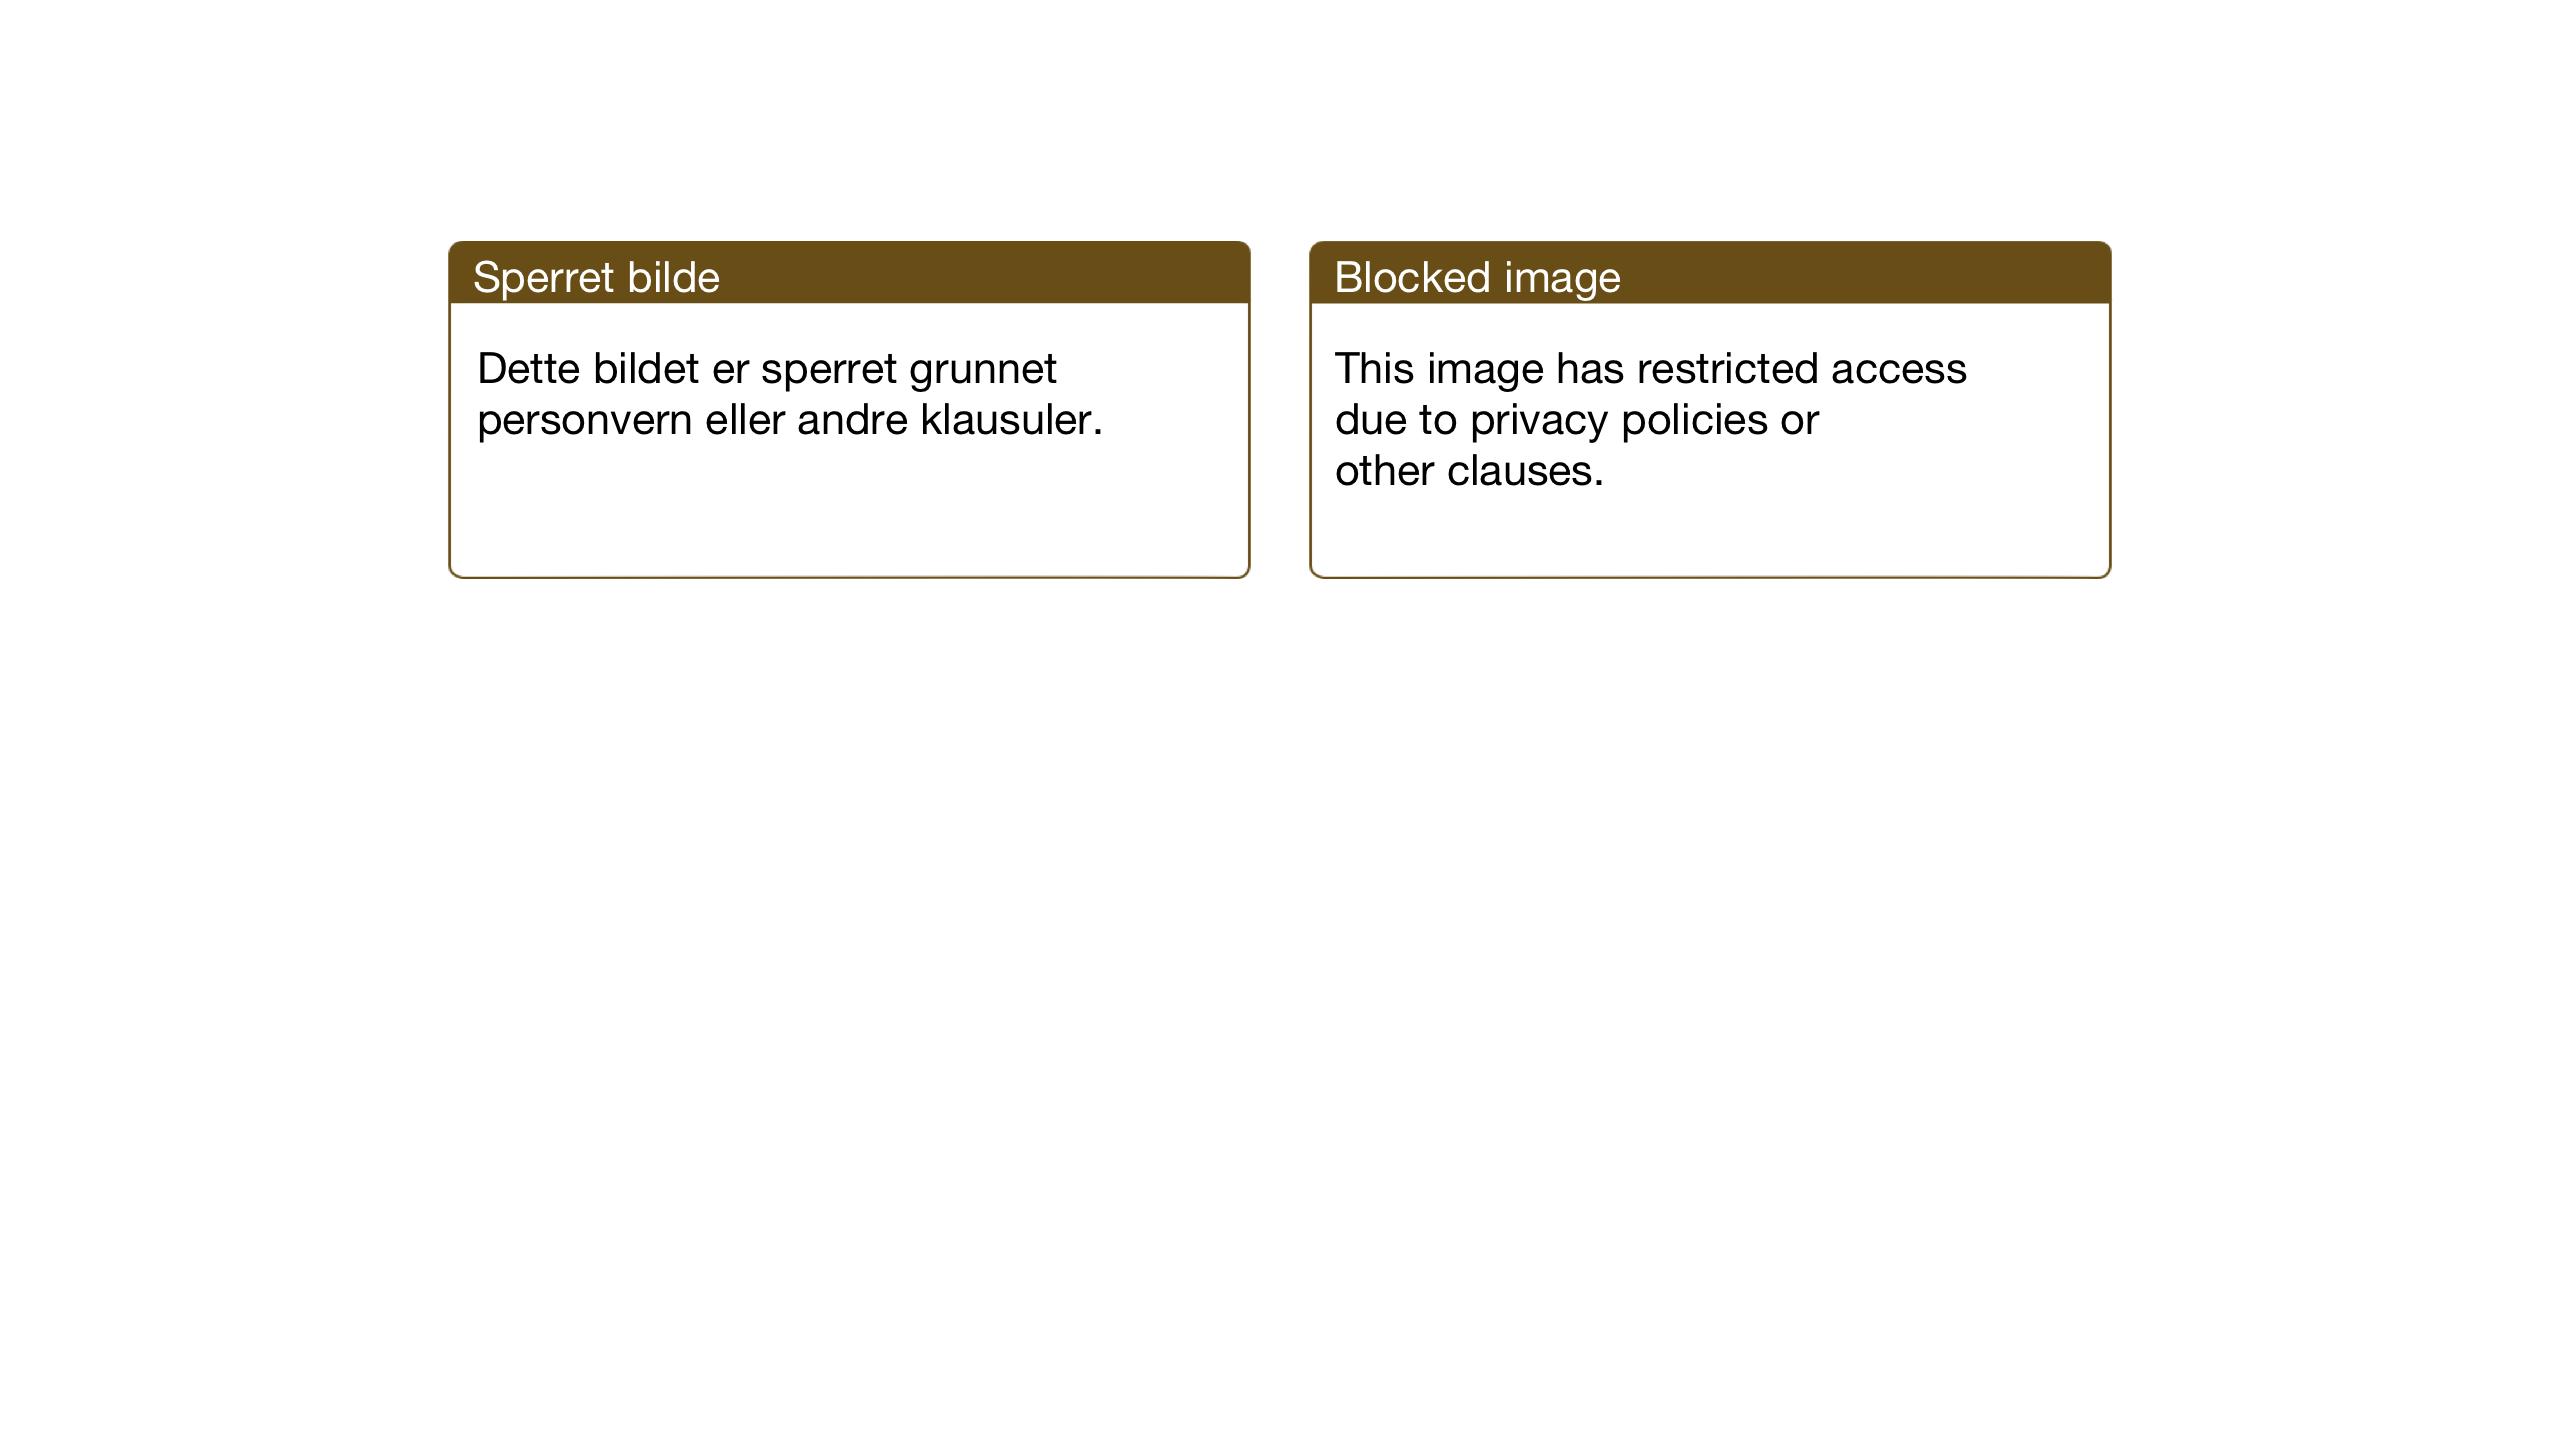 SAT, Ministerialprotokoller, klokkerbøker og fødselsregistre - Sør-Trøndelag, 638/L0569: Klokkerbok nr. 638C01, 1923-1961, s. 40